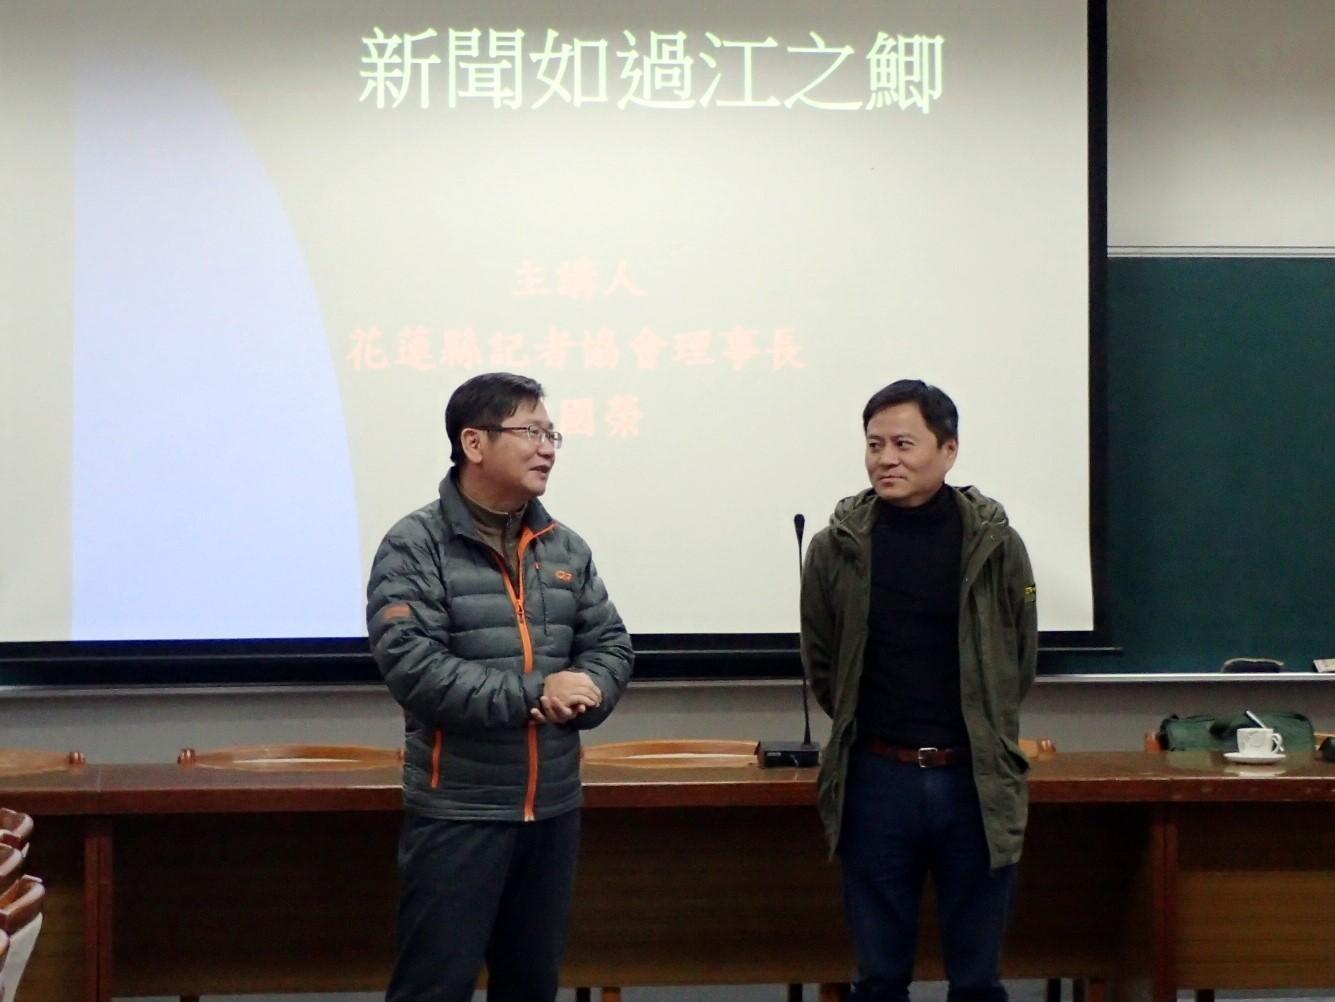 東華人社院辦理職能增進講座,行政人員獲益良多-工作效率